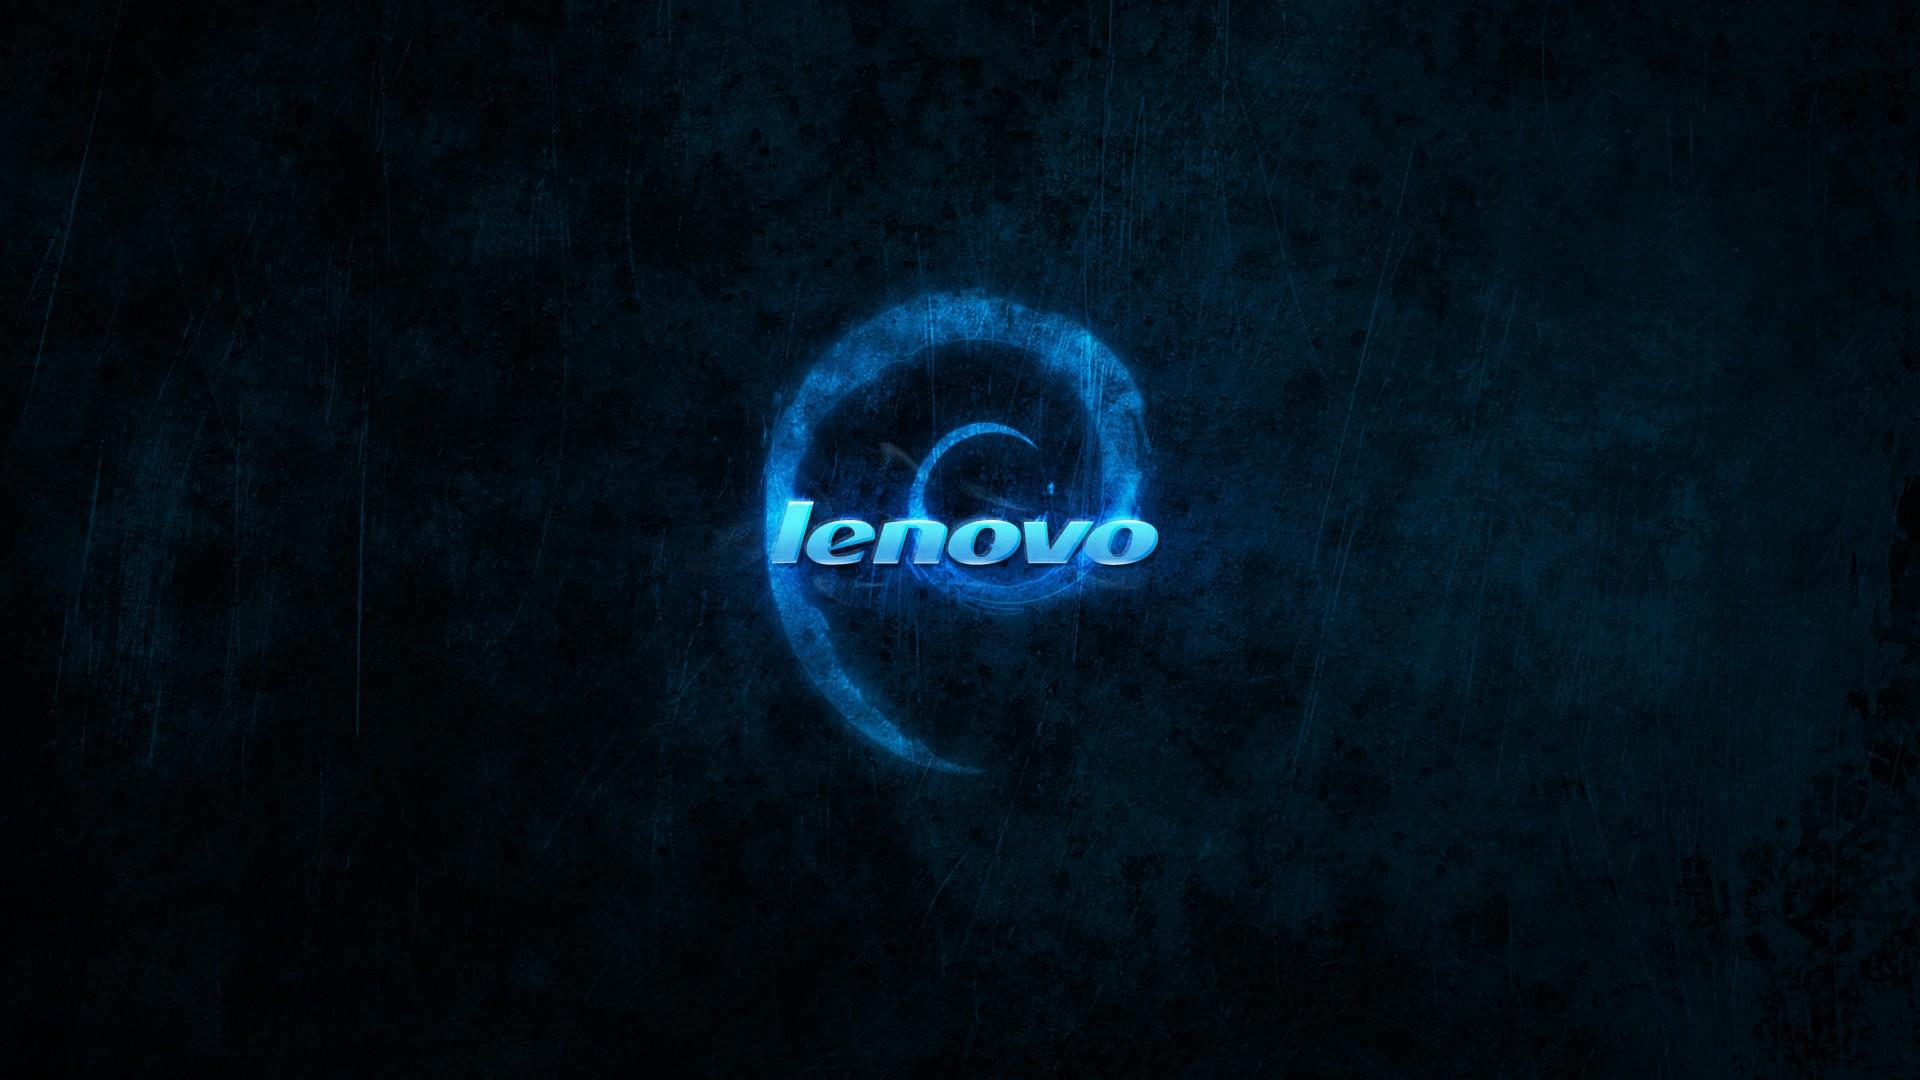 3 Lenovo Fondos de pantalla HD | Fondos de Escritorio